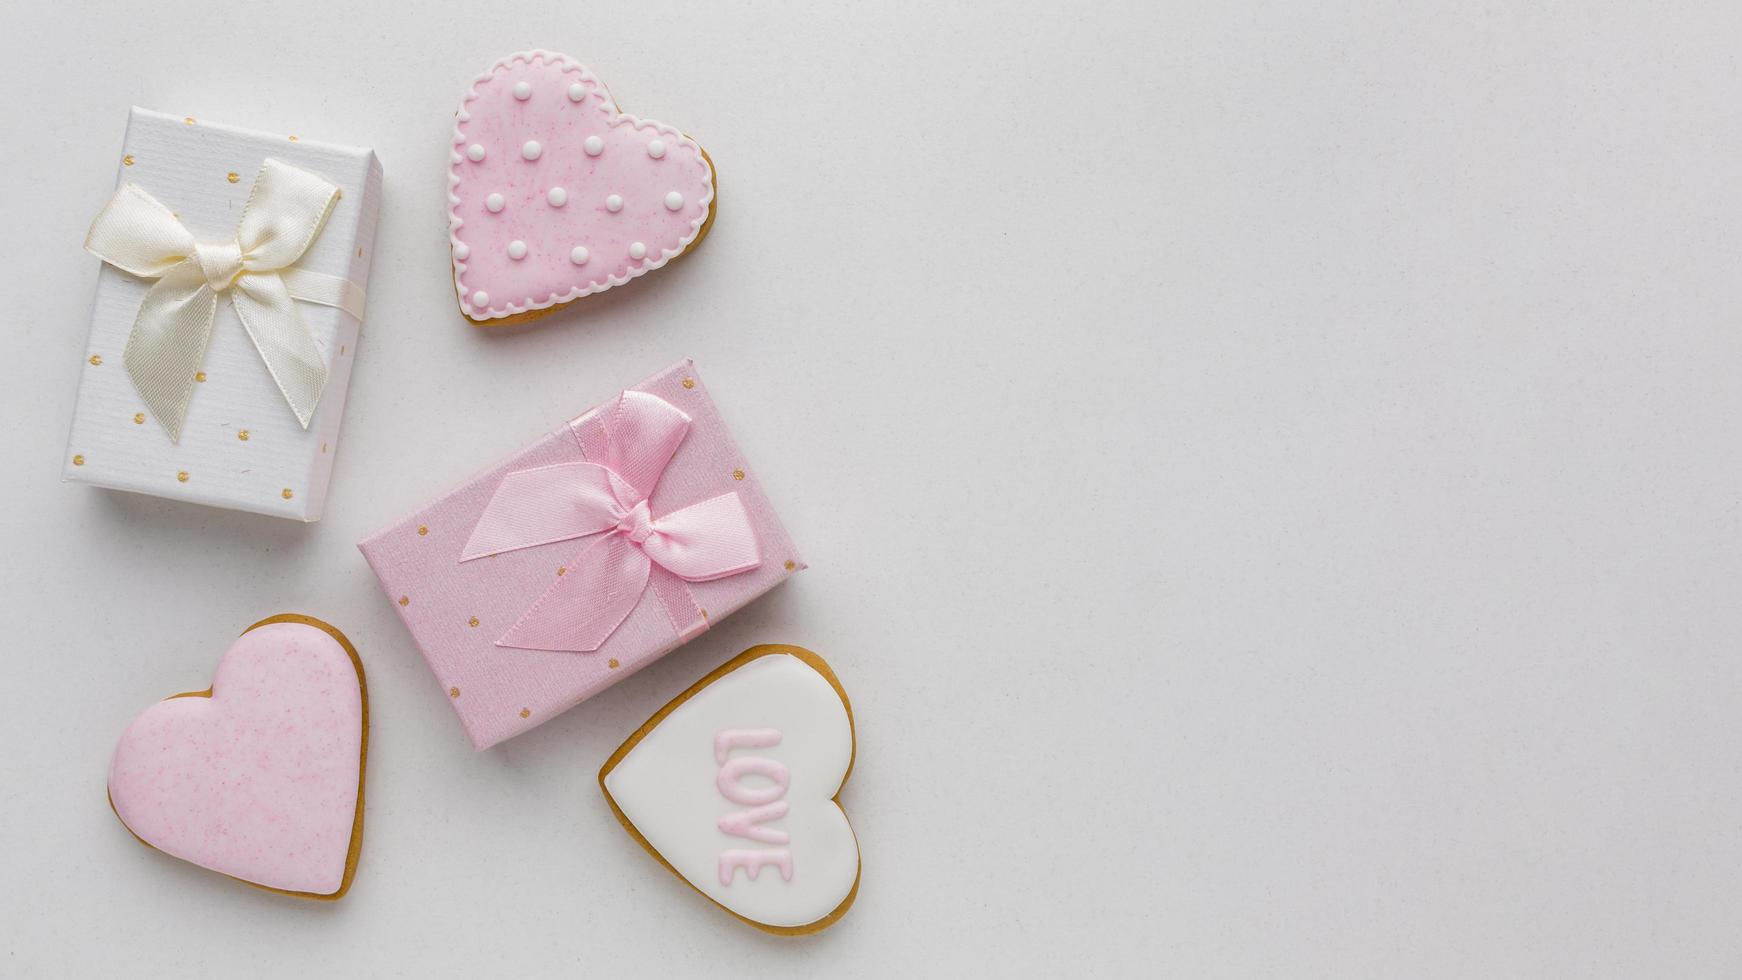 galletas y regalos de san valentin foto